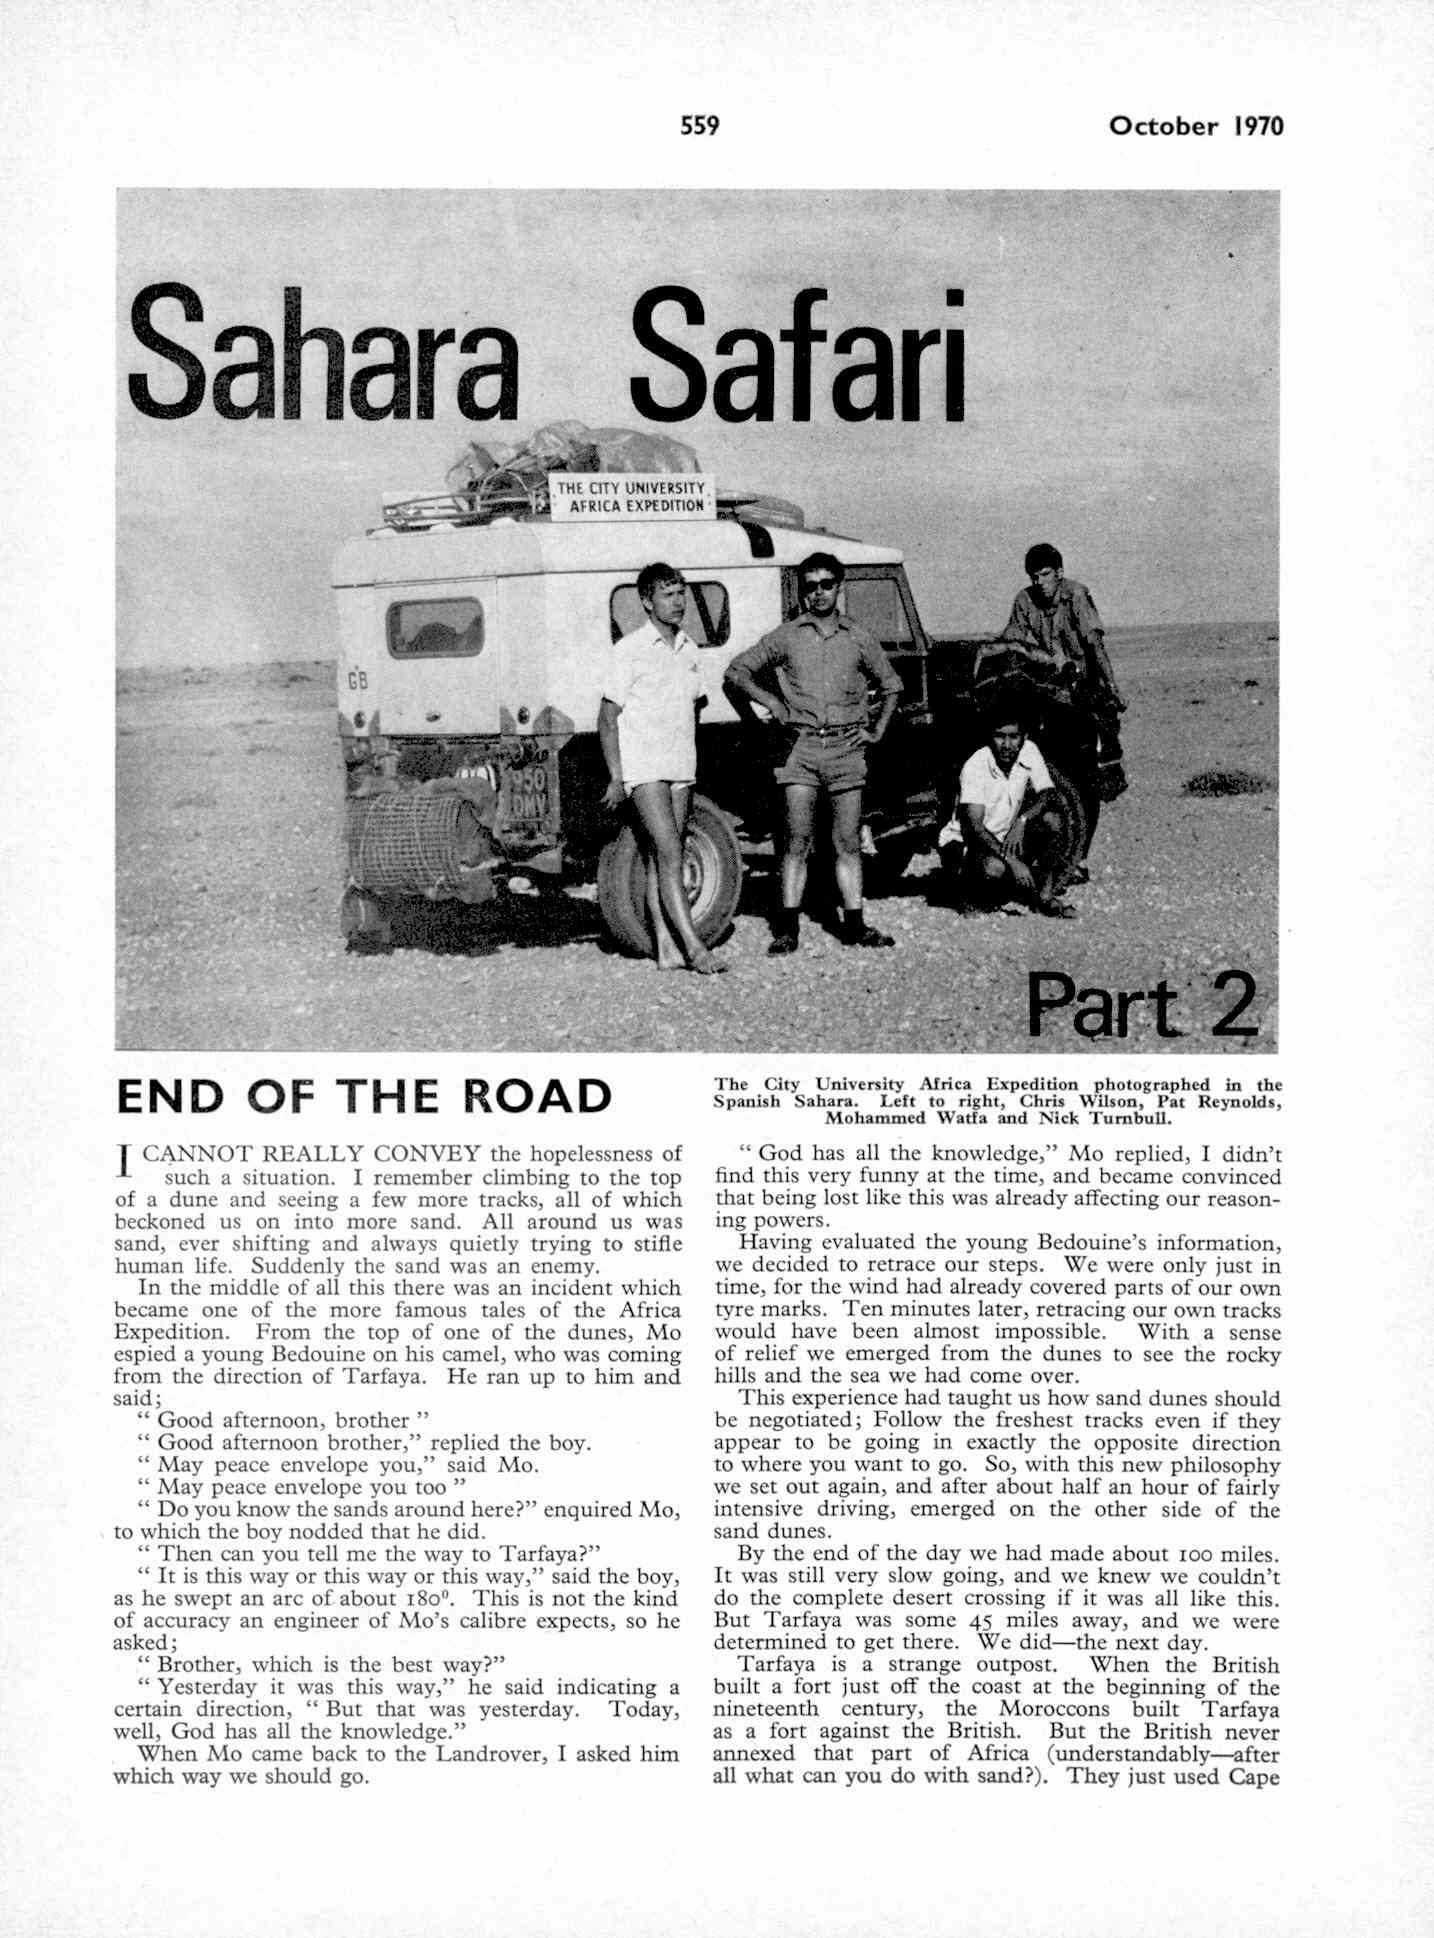 UK Meccano Magazine October 1970 Page 559